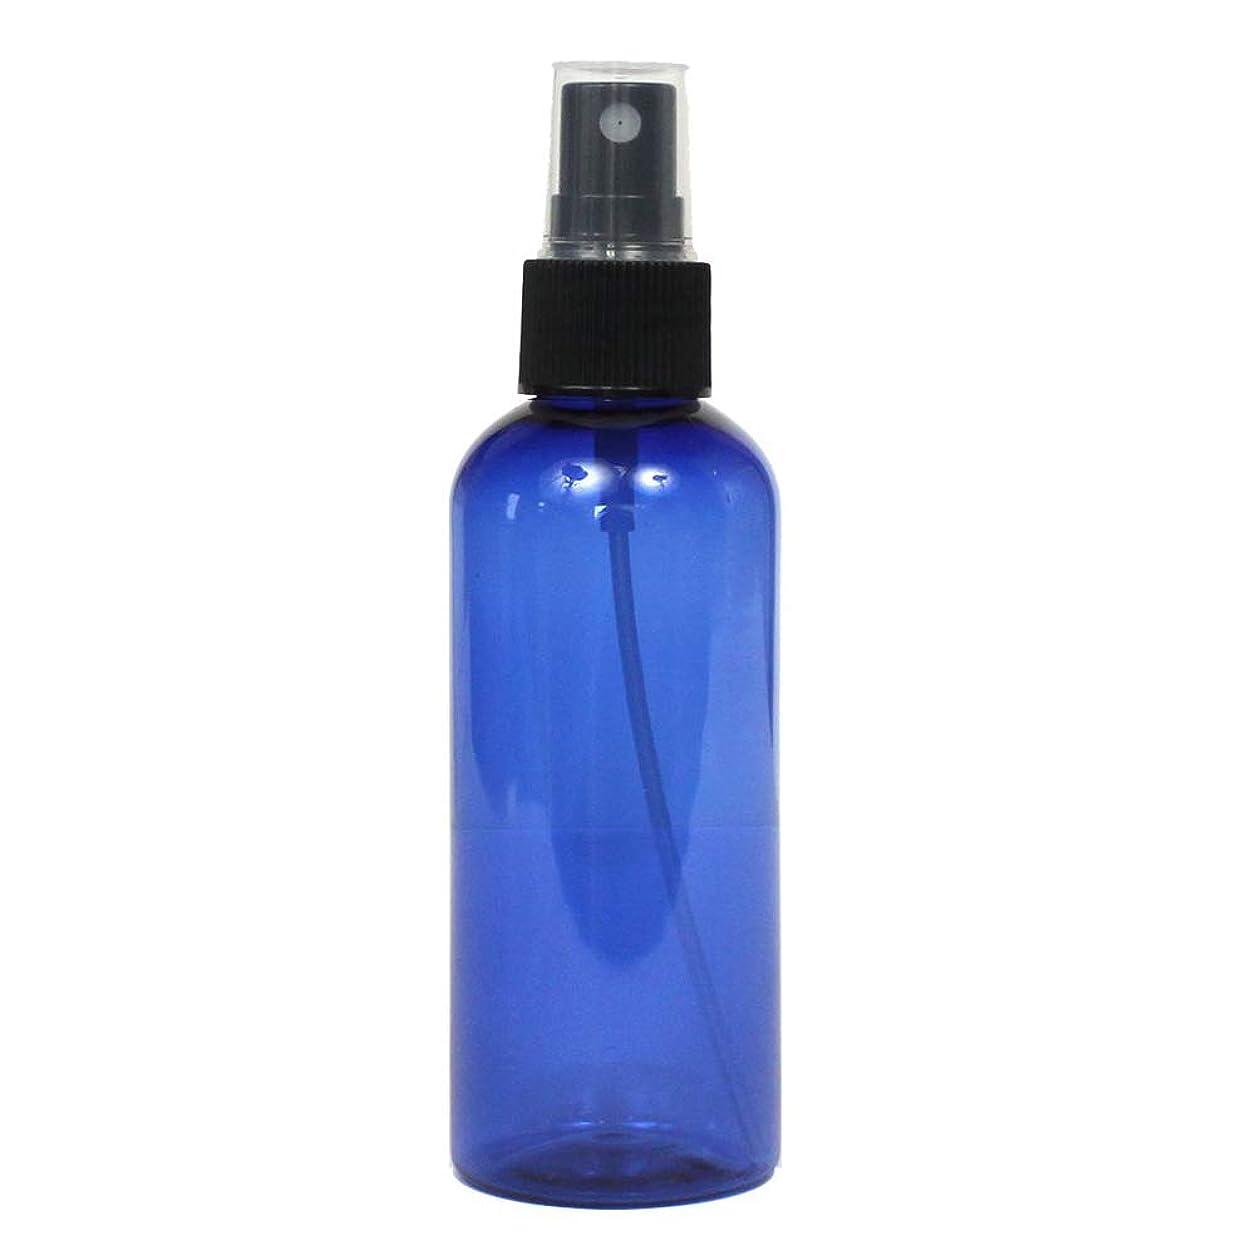 スプレーボトル 100mL ブルー黒ヘッド1本遮光性青色 おしゃれ プラスチック空容器